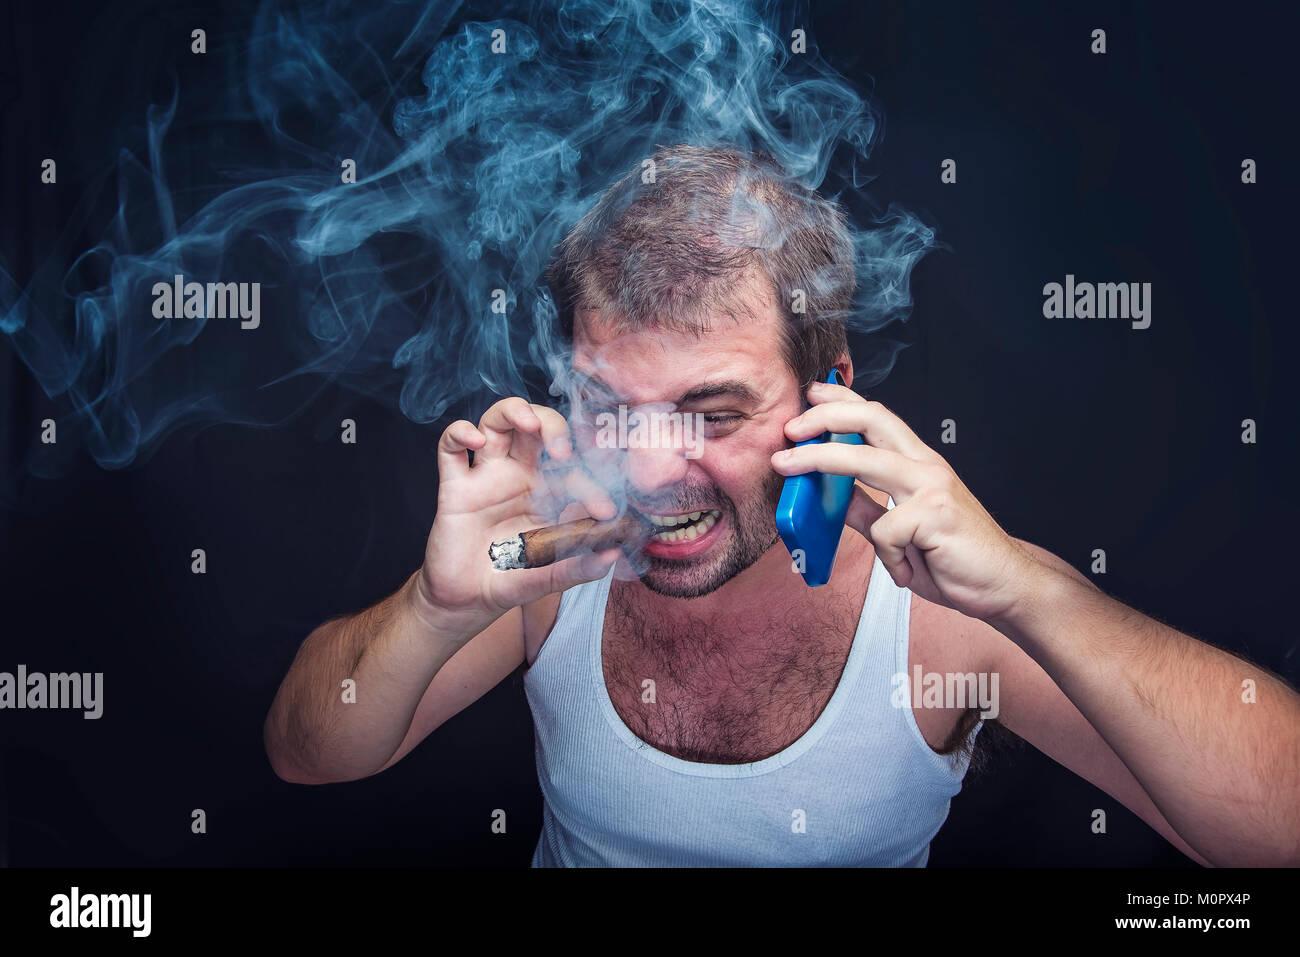 Rude fumatori uomo a urlare contro il suo telefono cellulare Immagini Stock